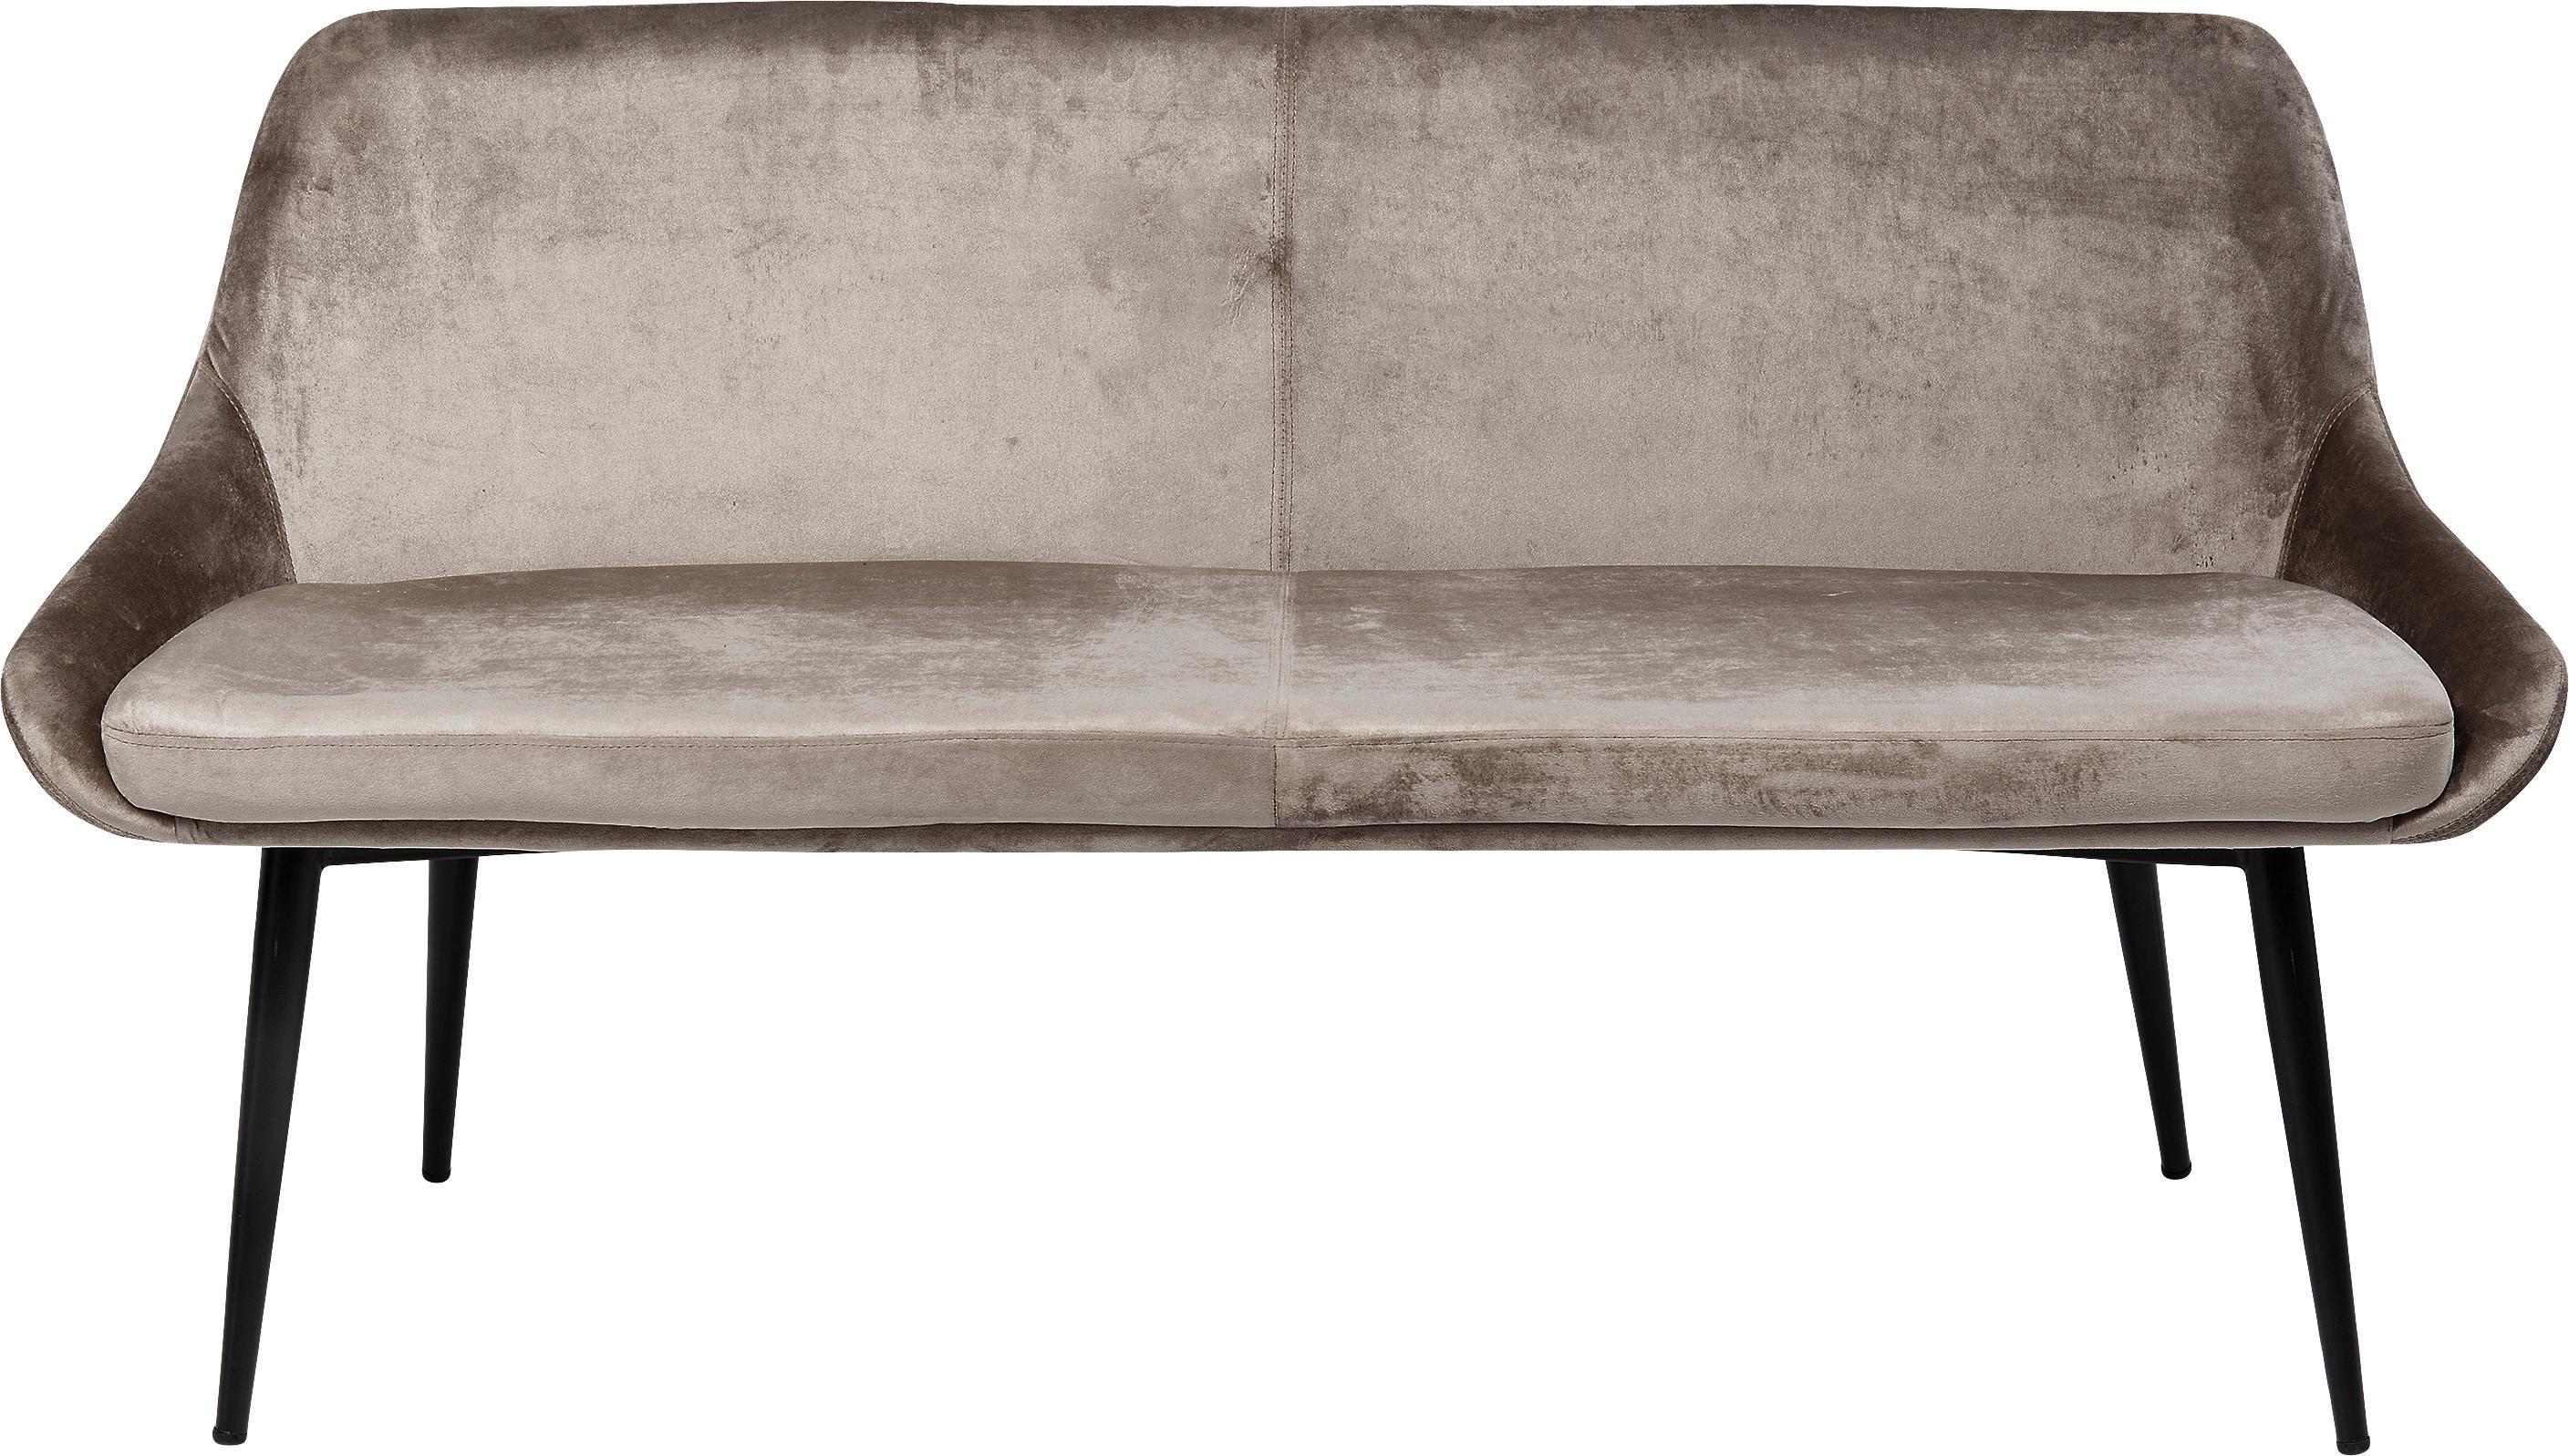 Panca in velluto con schienale East Side, Rivestimento: velluto di poliestere 50., Gambe: metallo verniciato a polv, Struttura: legno lamellare impiallac, Beige, Larg. 154 x Prof. 65 cm